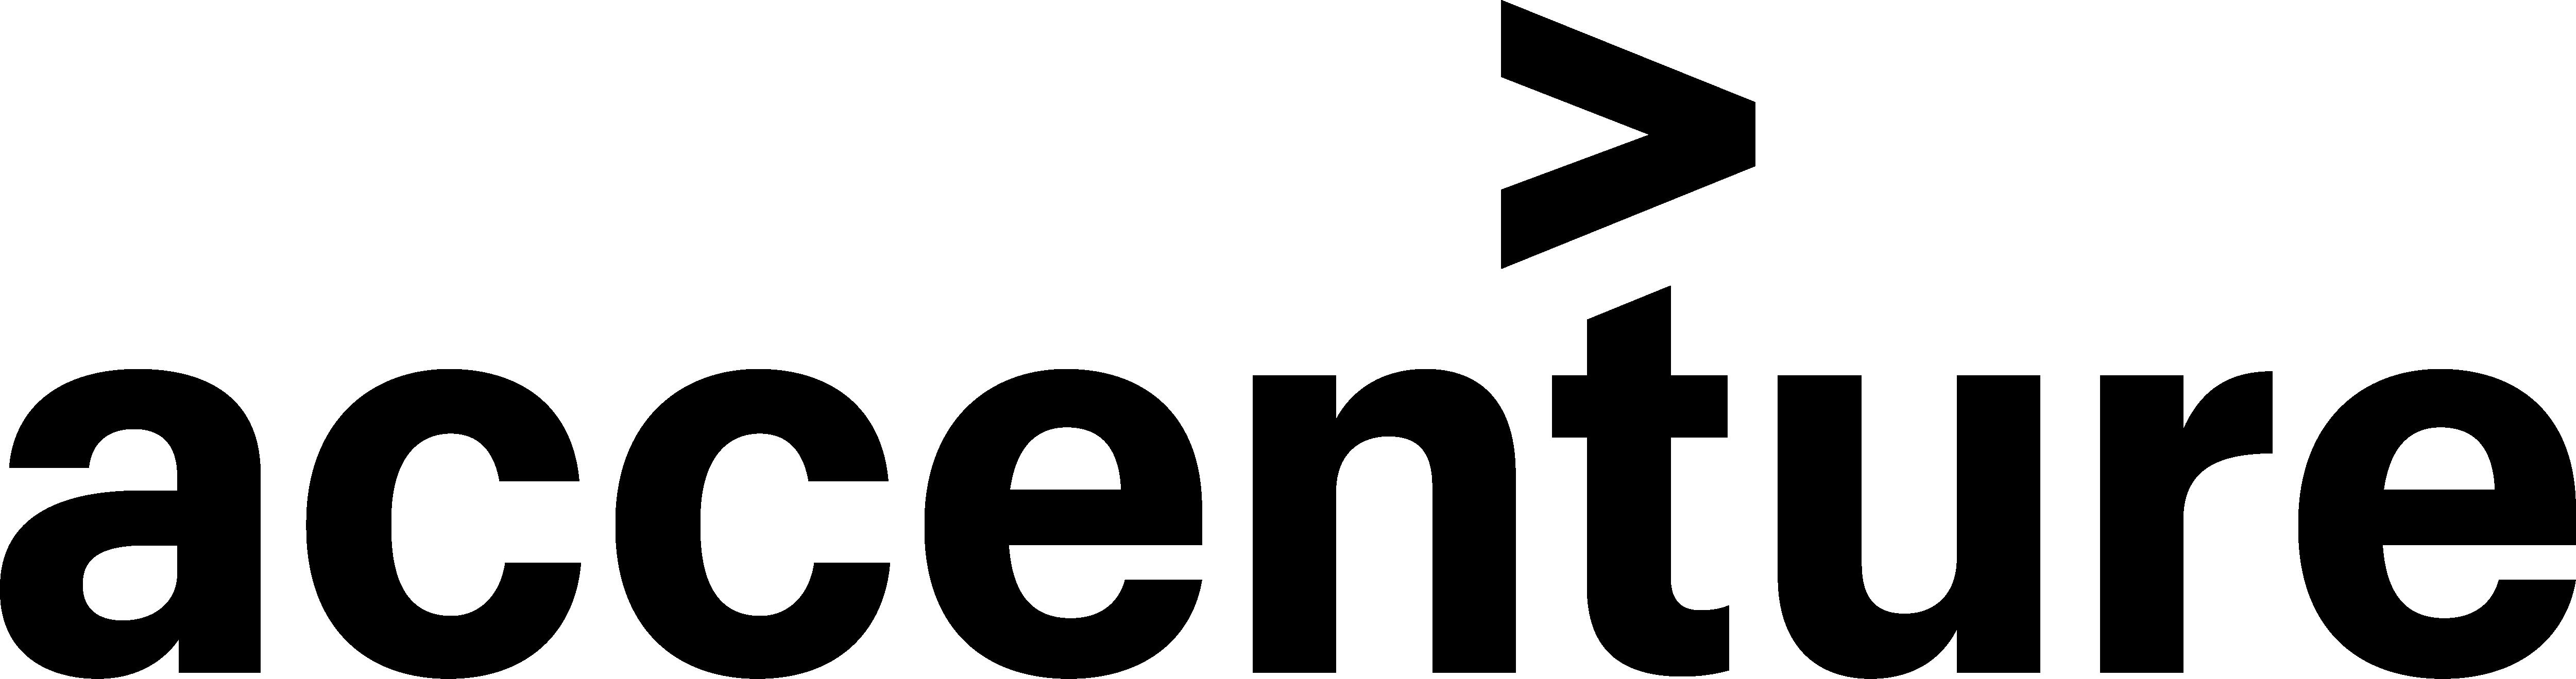 Accenture_Logo_Full_Black